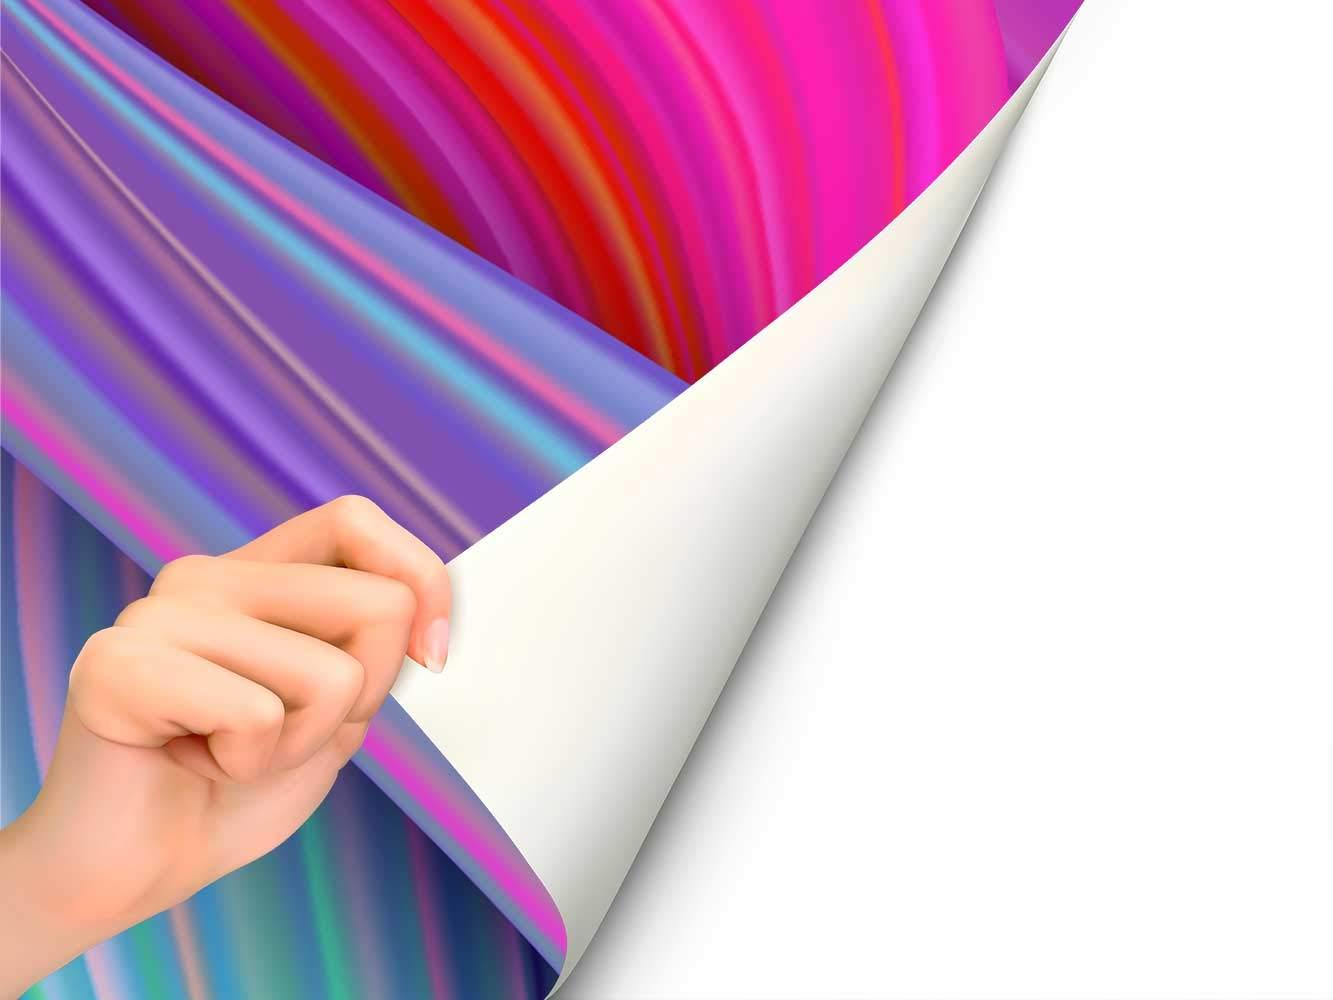 Vinilo Transparente para Mamparas de Ducha y Ba/ños Remolino de Colores Varias Medidas 185x60cm Pegatina Adhesiva Decorativa de Dise/ño Elegante Adhesivo Resistente y de F/ácil Aplicaci/ón